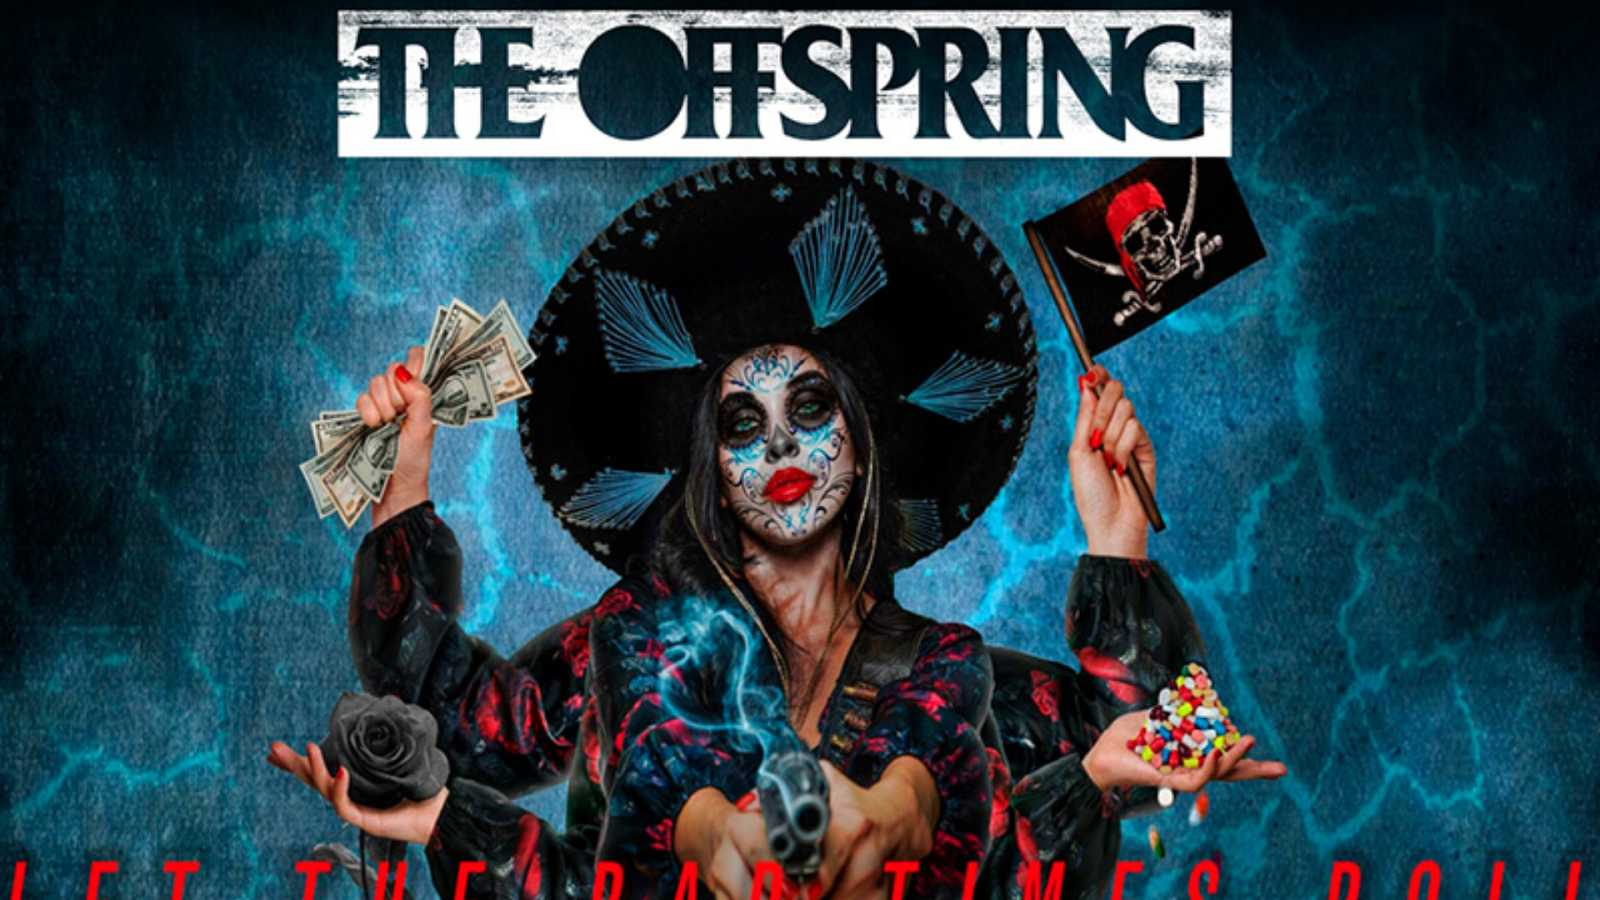 Turbo 3 - The Offspring y Maika Makovski - 02/03/21 - escuchar ahora